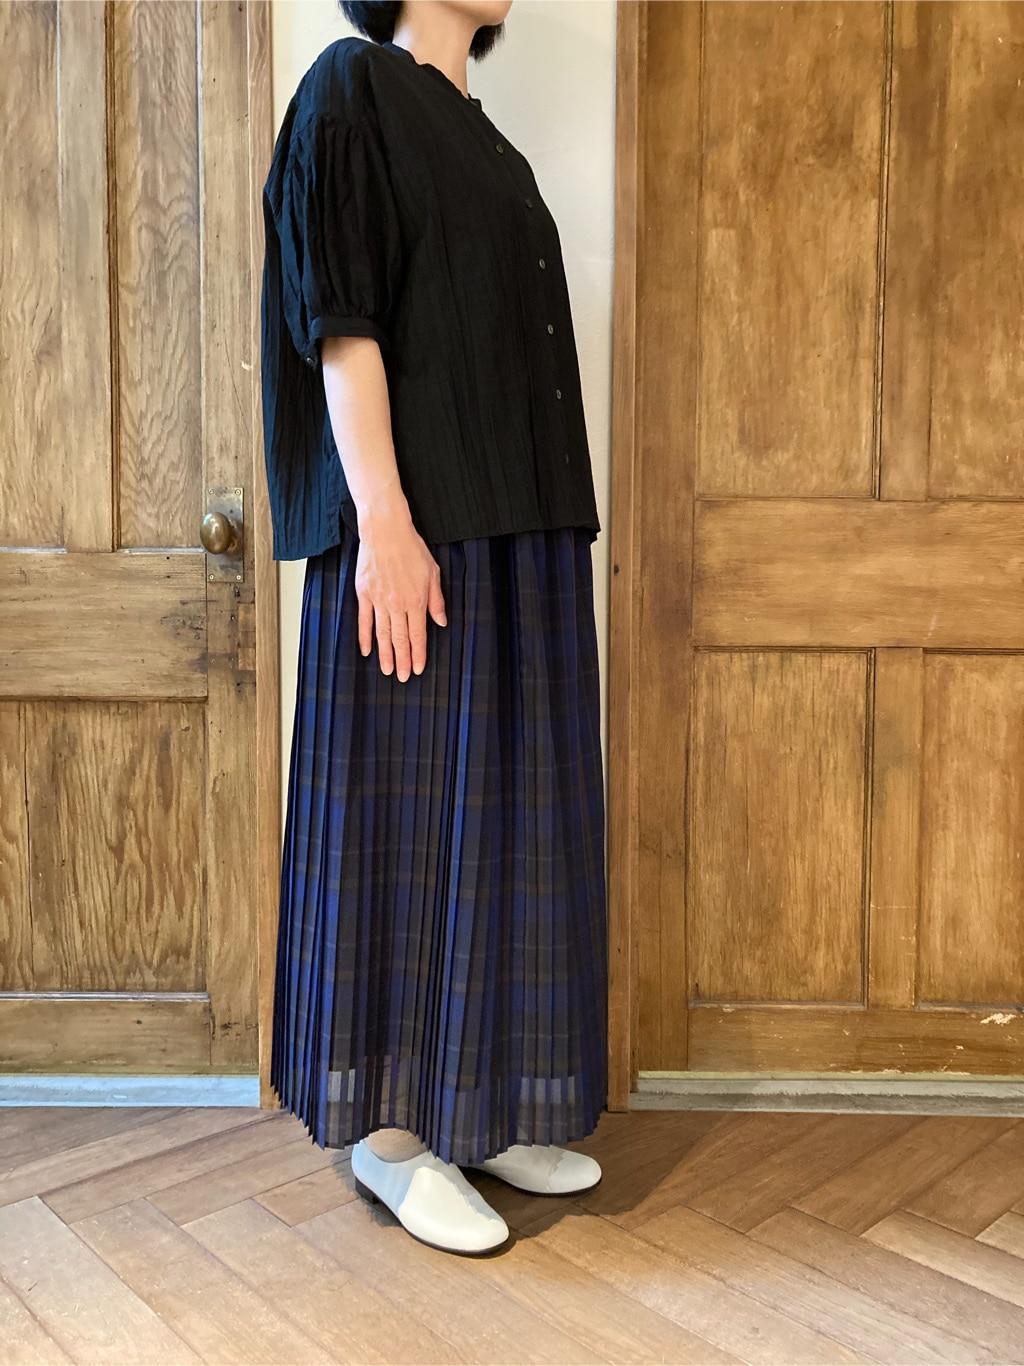 yuni 京都路面 身長:152cm 2021.05.15